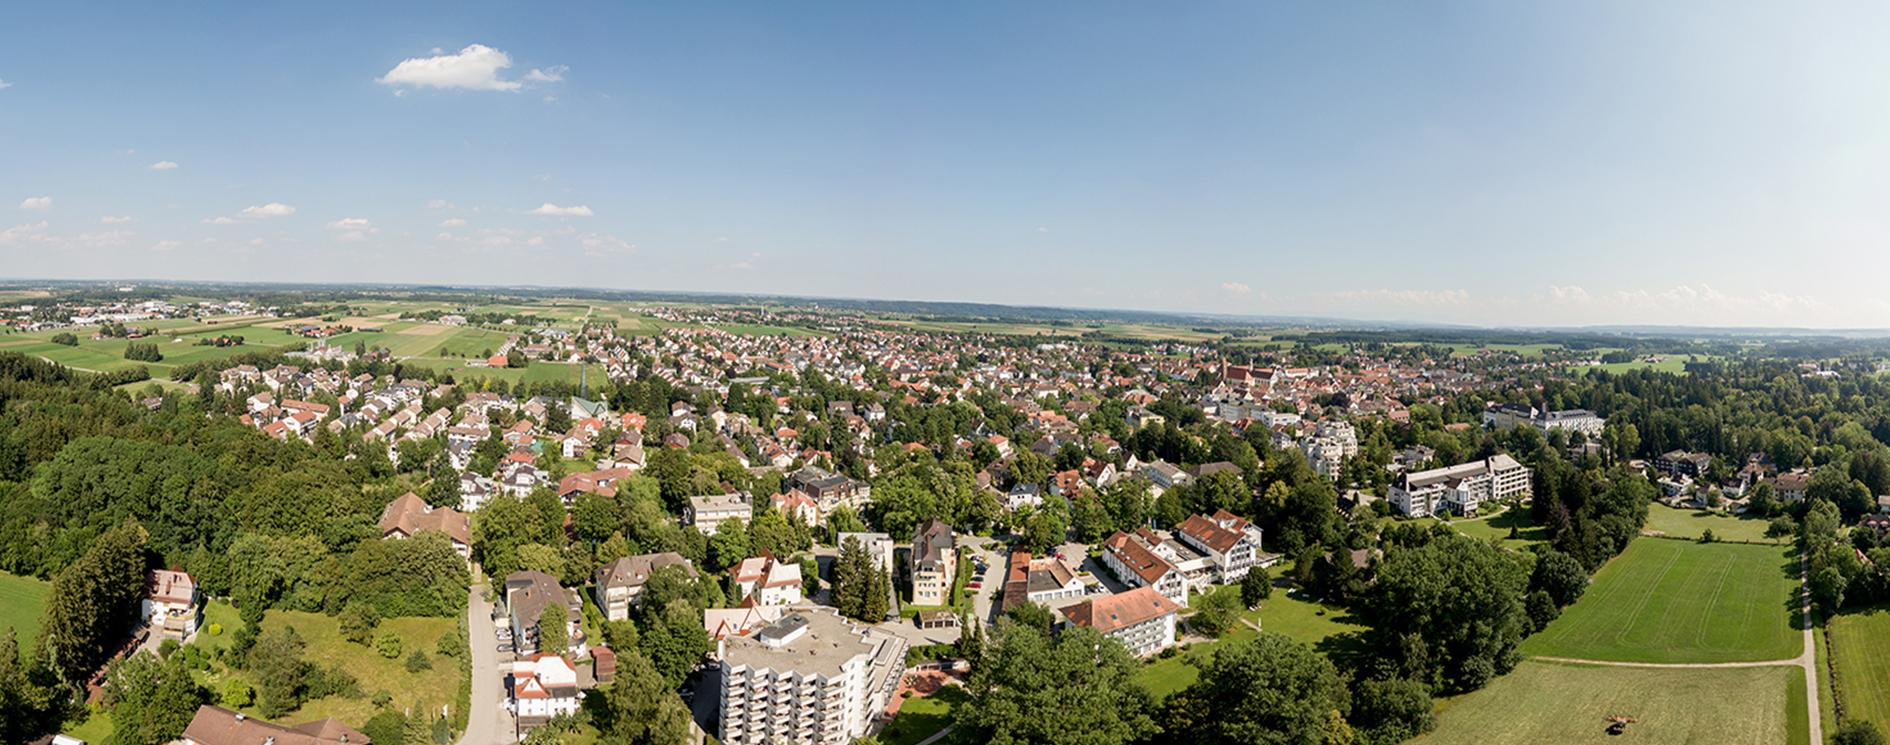 Gewerbegebiet Bad Wörishofen